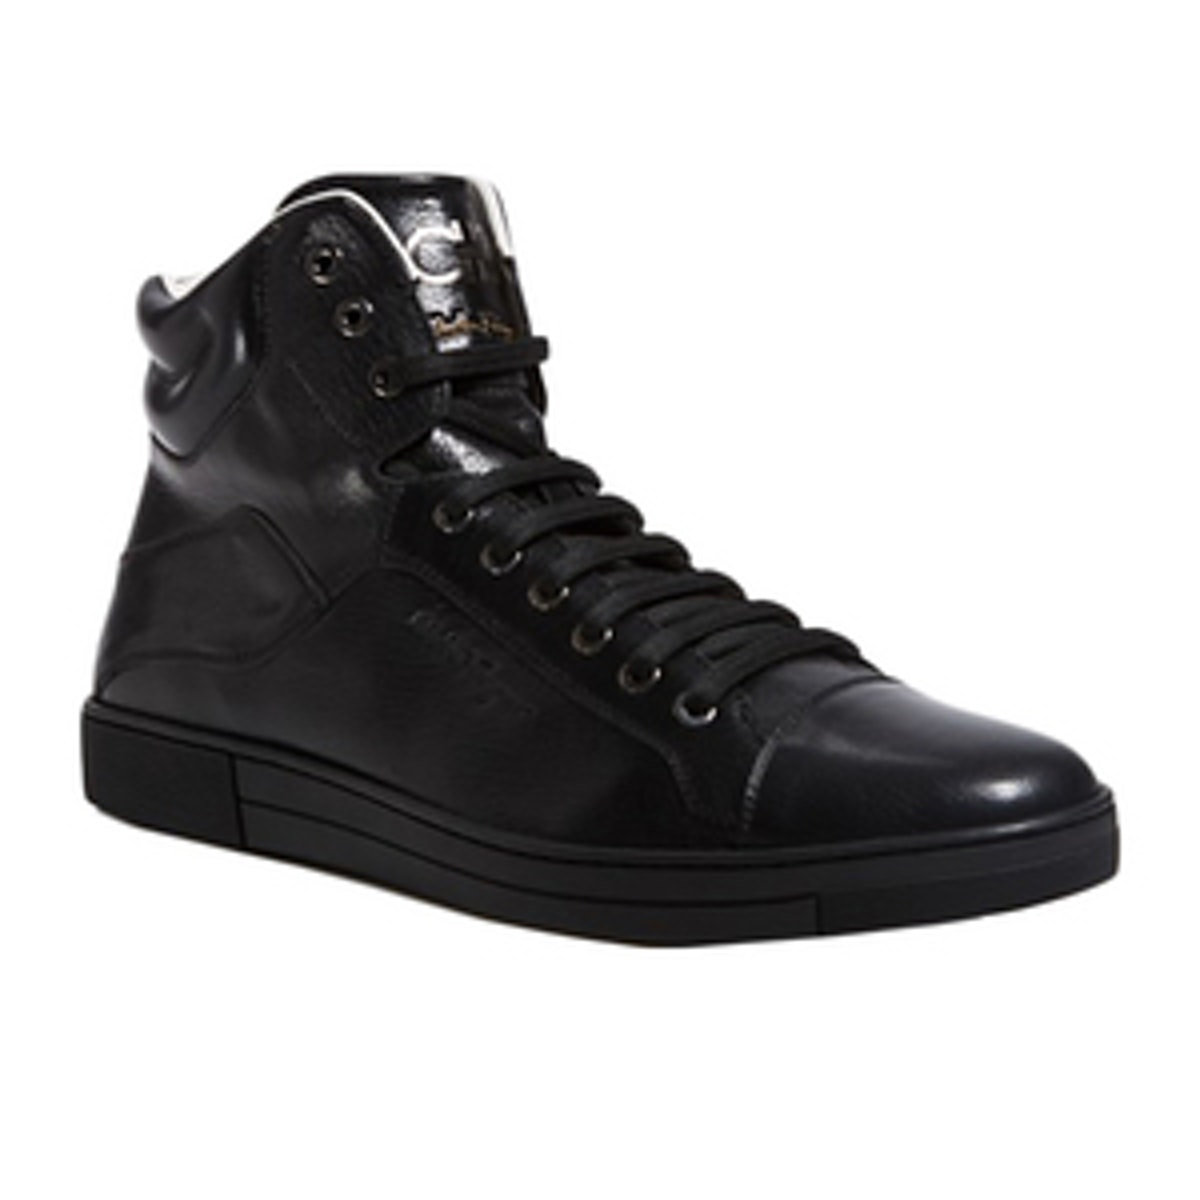 Stephen 4 High Top Sneakers